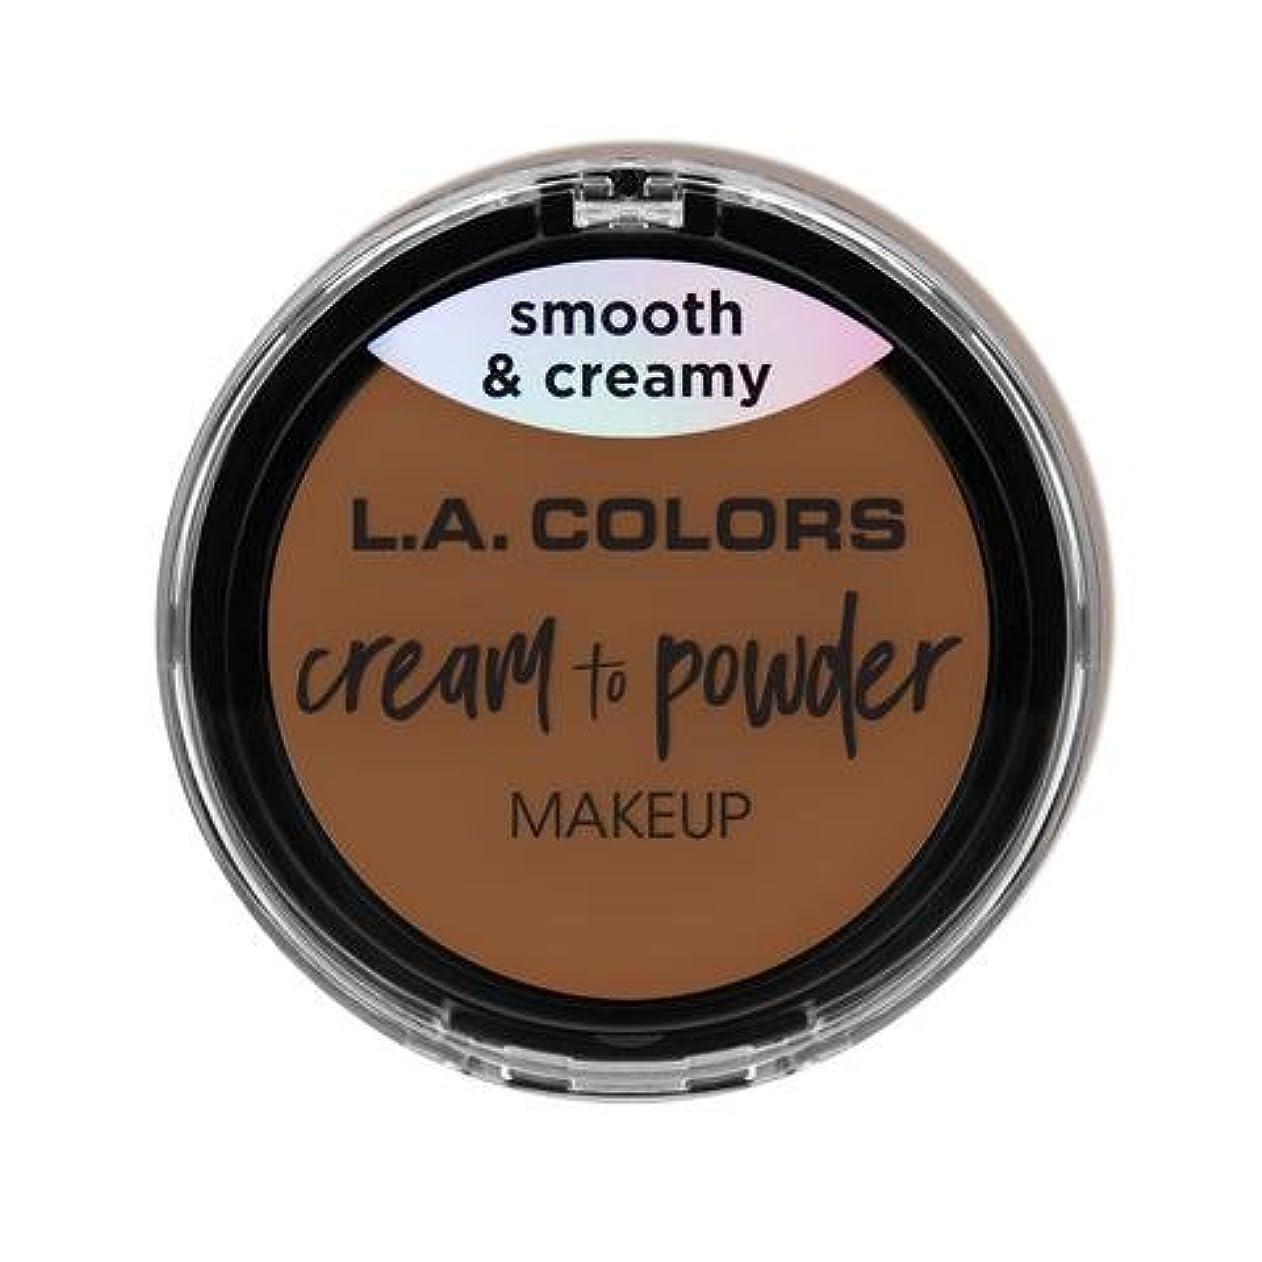 装置マーチャンダイジング交換(3 Pack) L.A. COLORS Cream To Powder Foundation - Tan (並行輸入品)